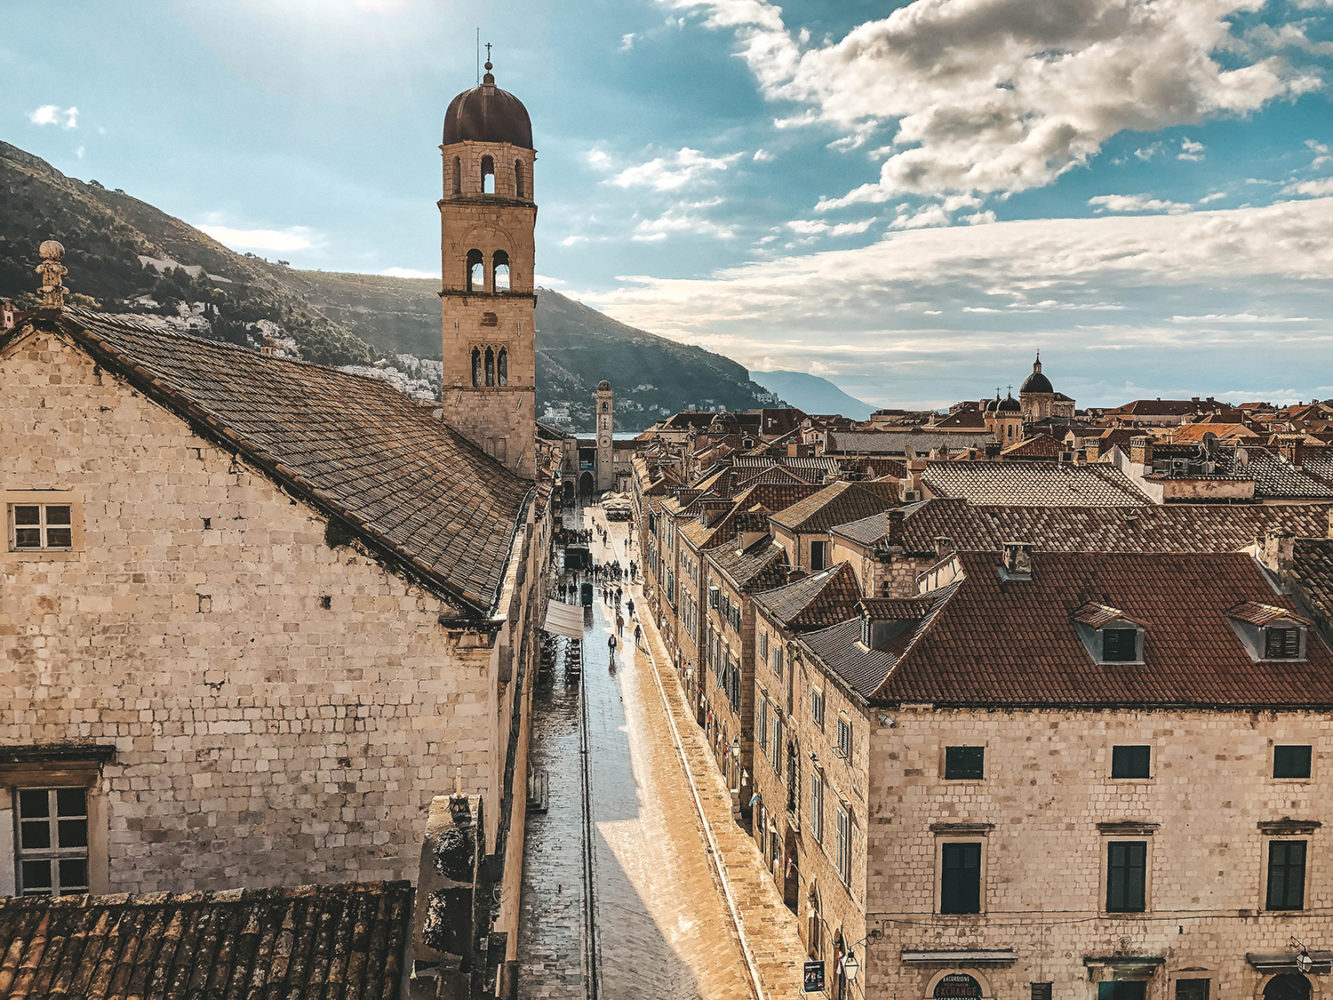 Vue sur la rue principale depuis les remparts de Dubrovnik